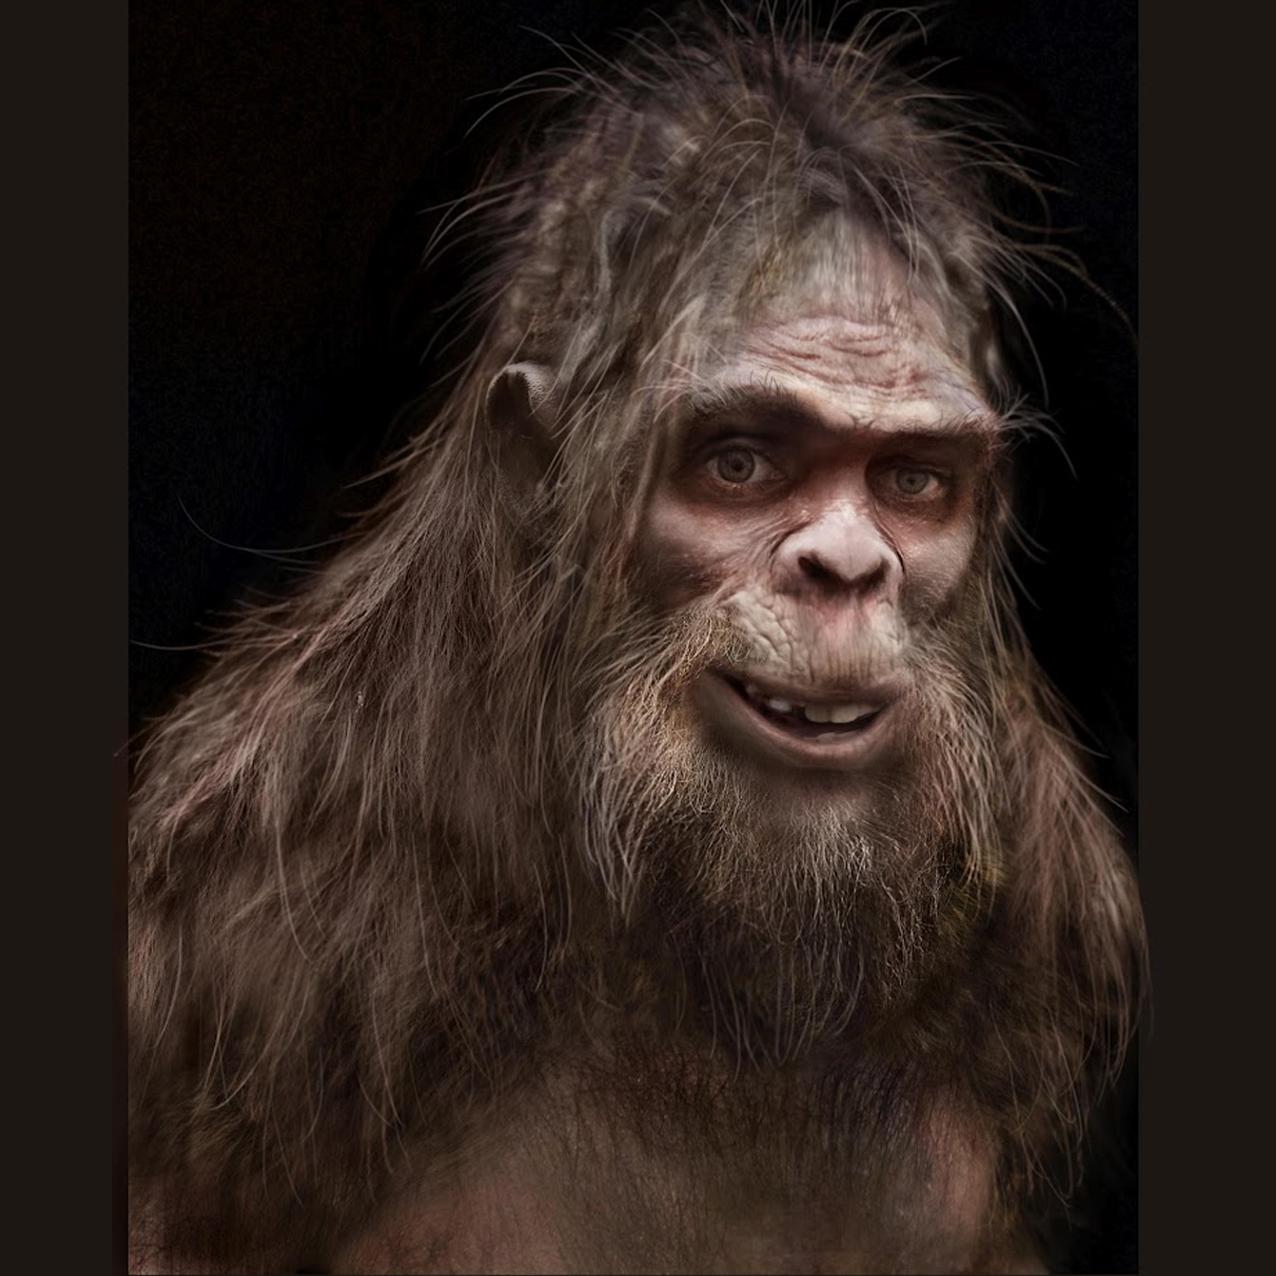 Bigfoot facial expression video nice